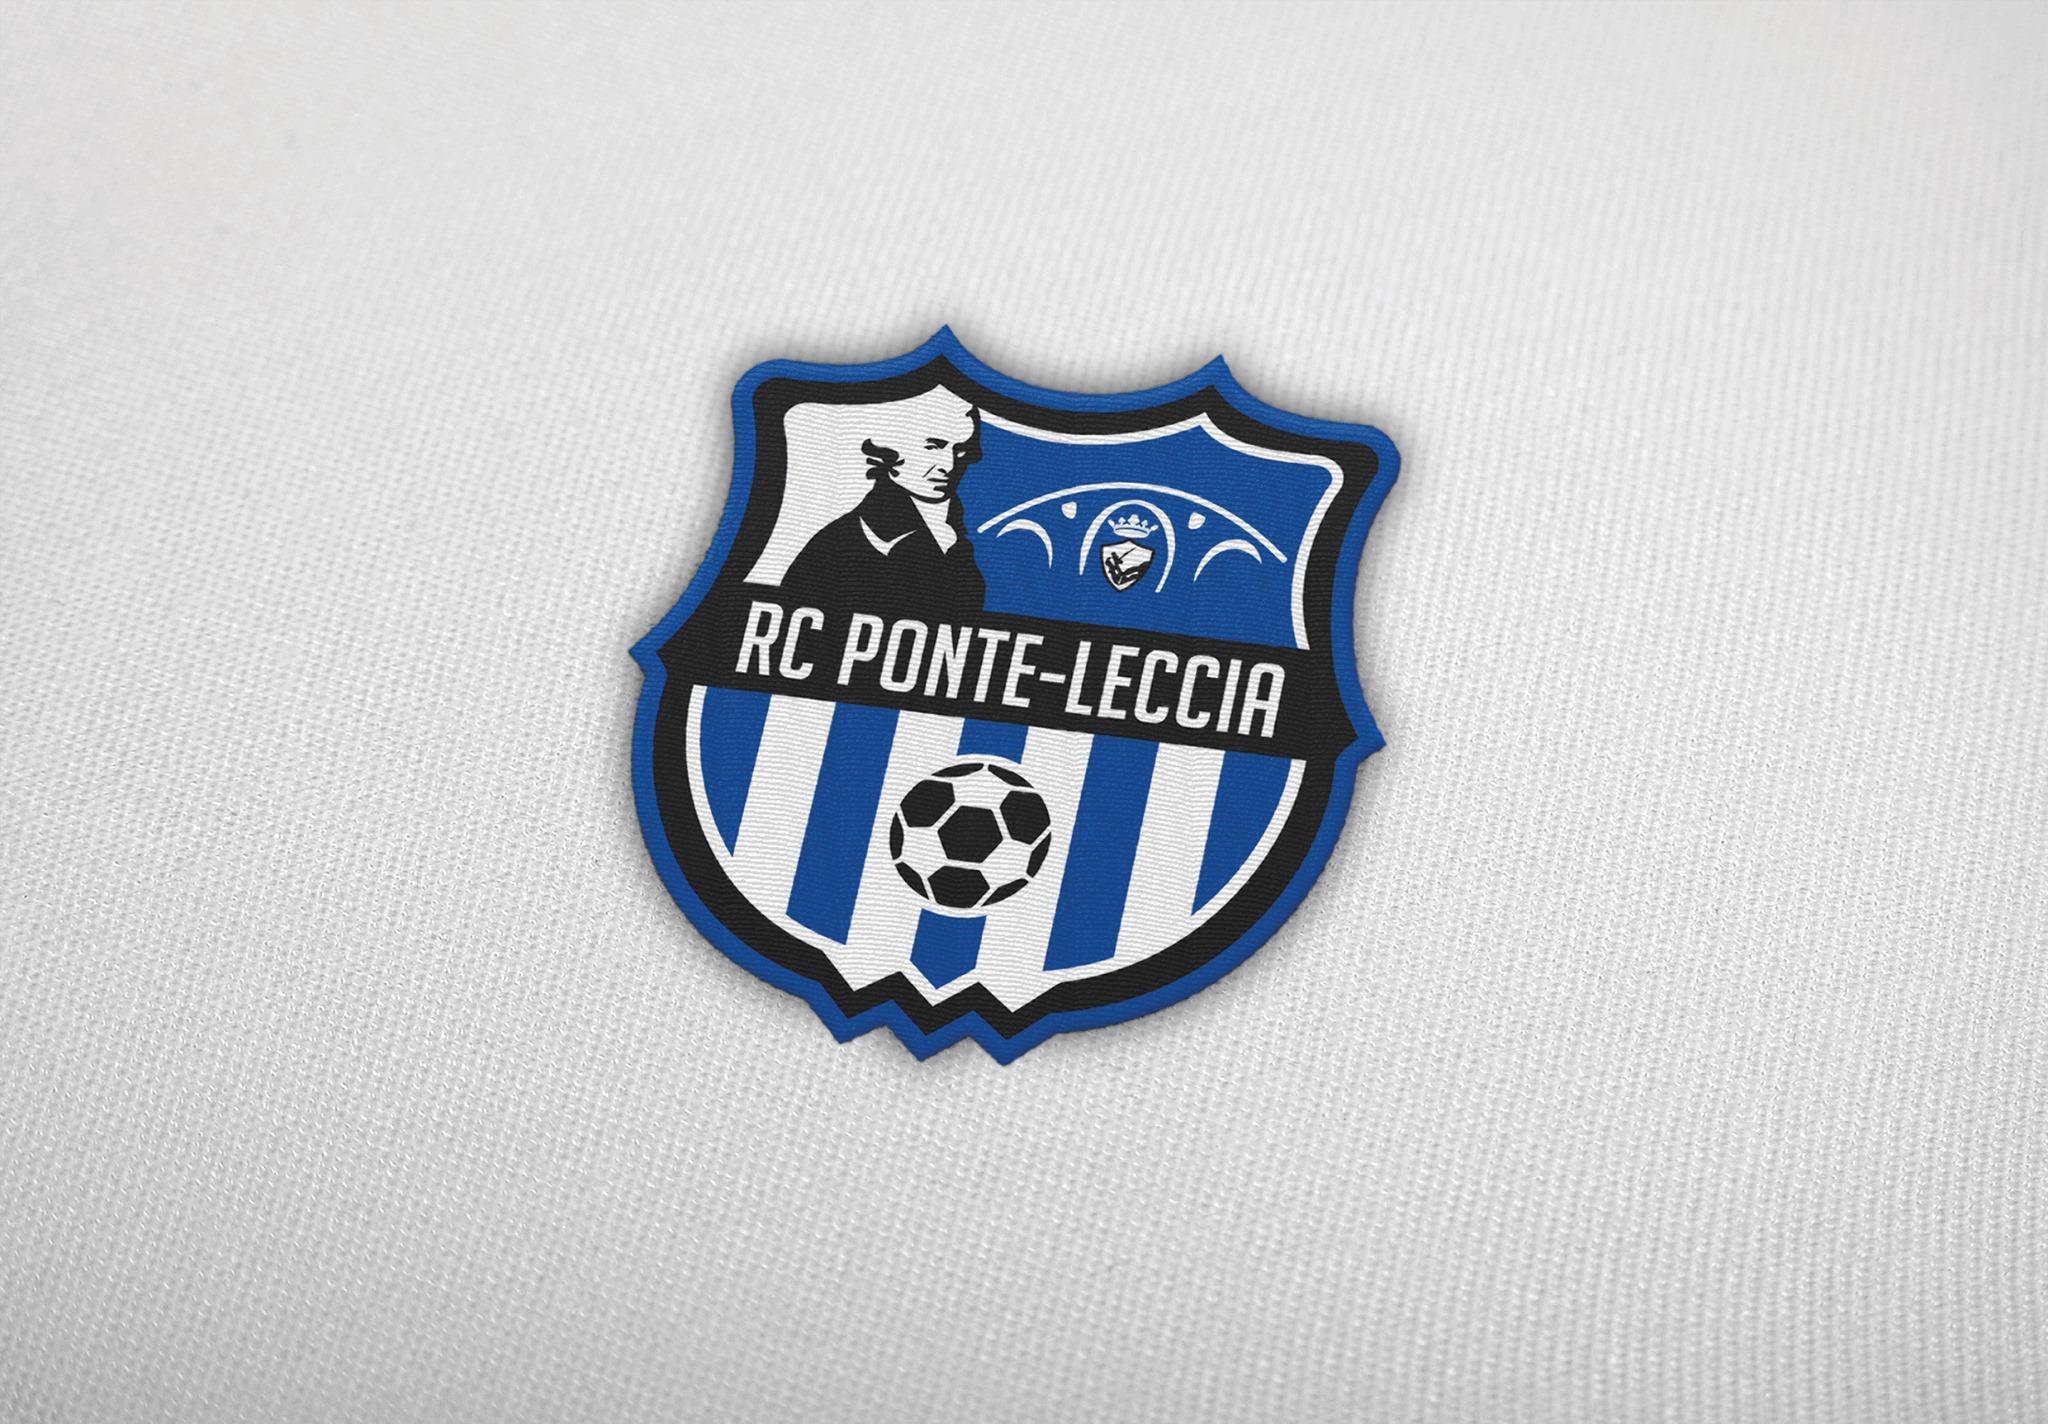 rcponteleccia-logo